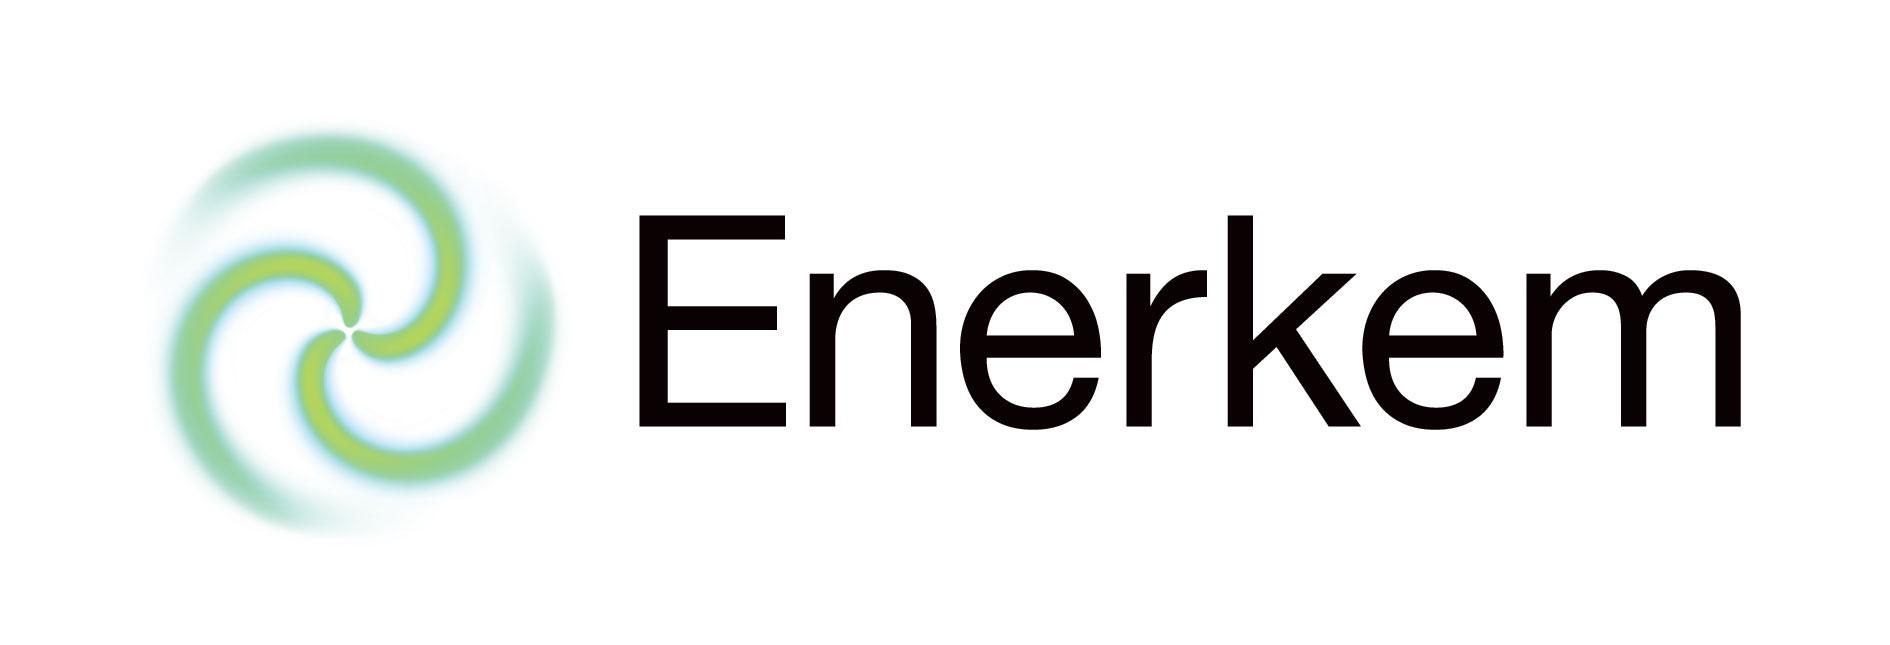 En première mondiale, Enerkem inaugure son usine innovatrice de production à pleine échelle de biocarburants et produits chimiques à partir de déchets.